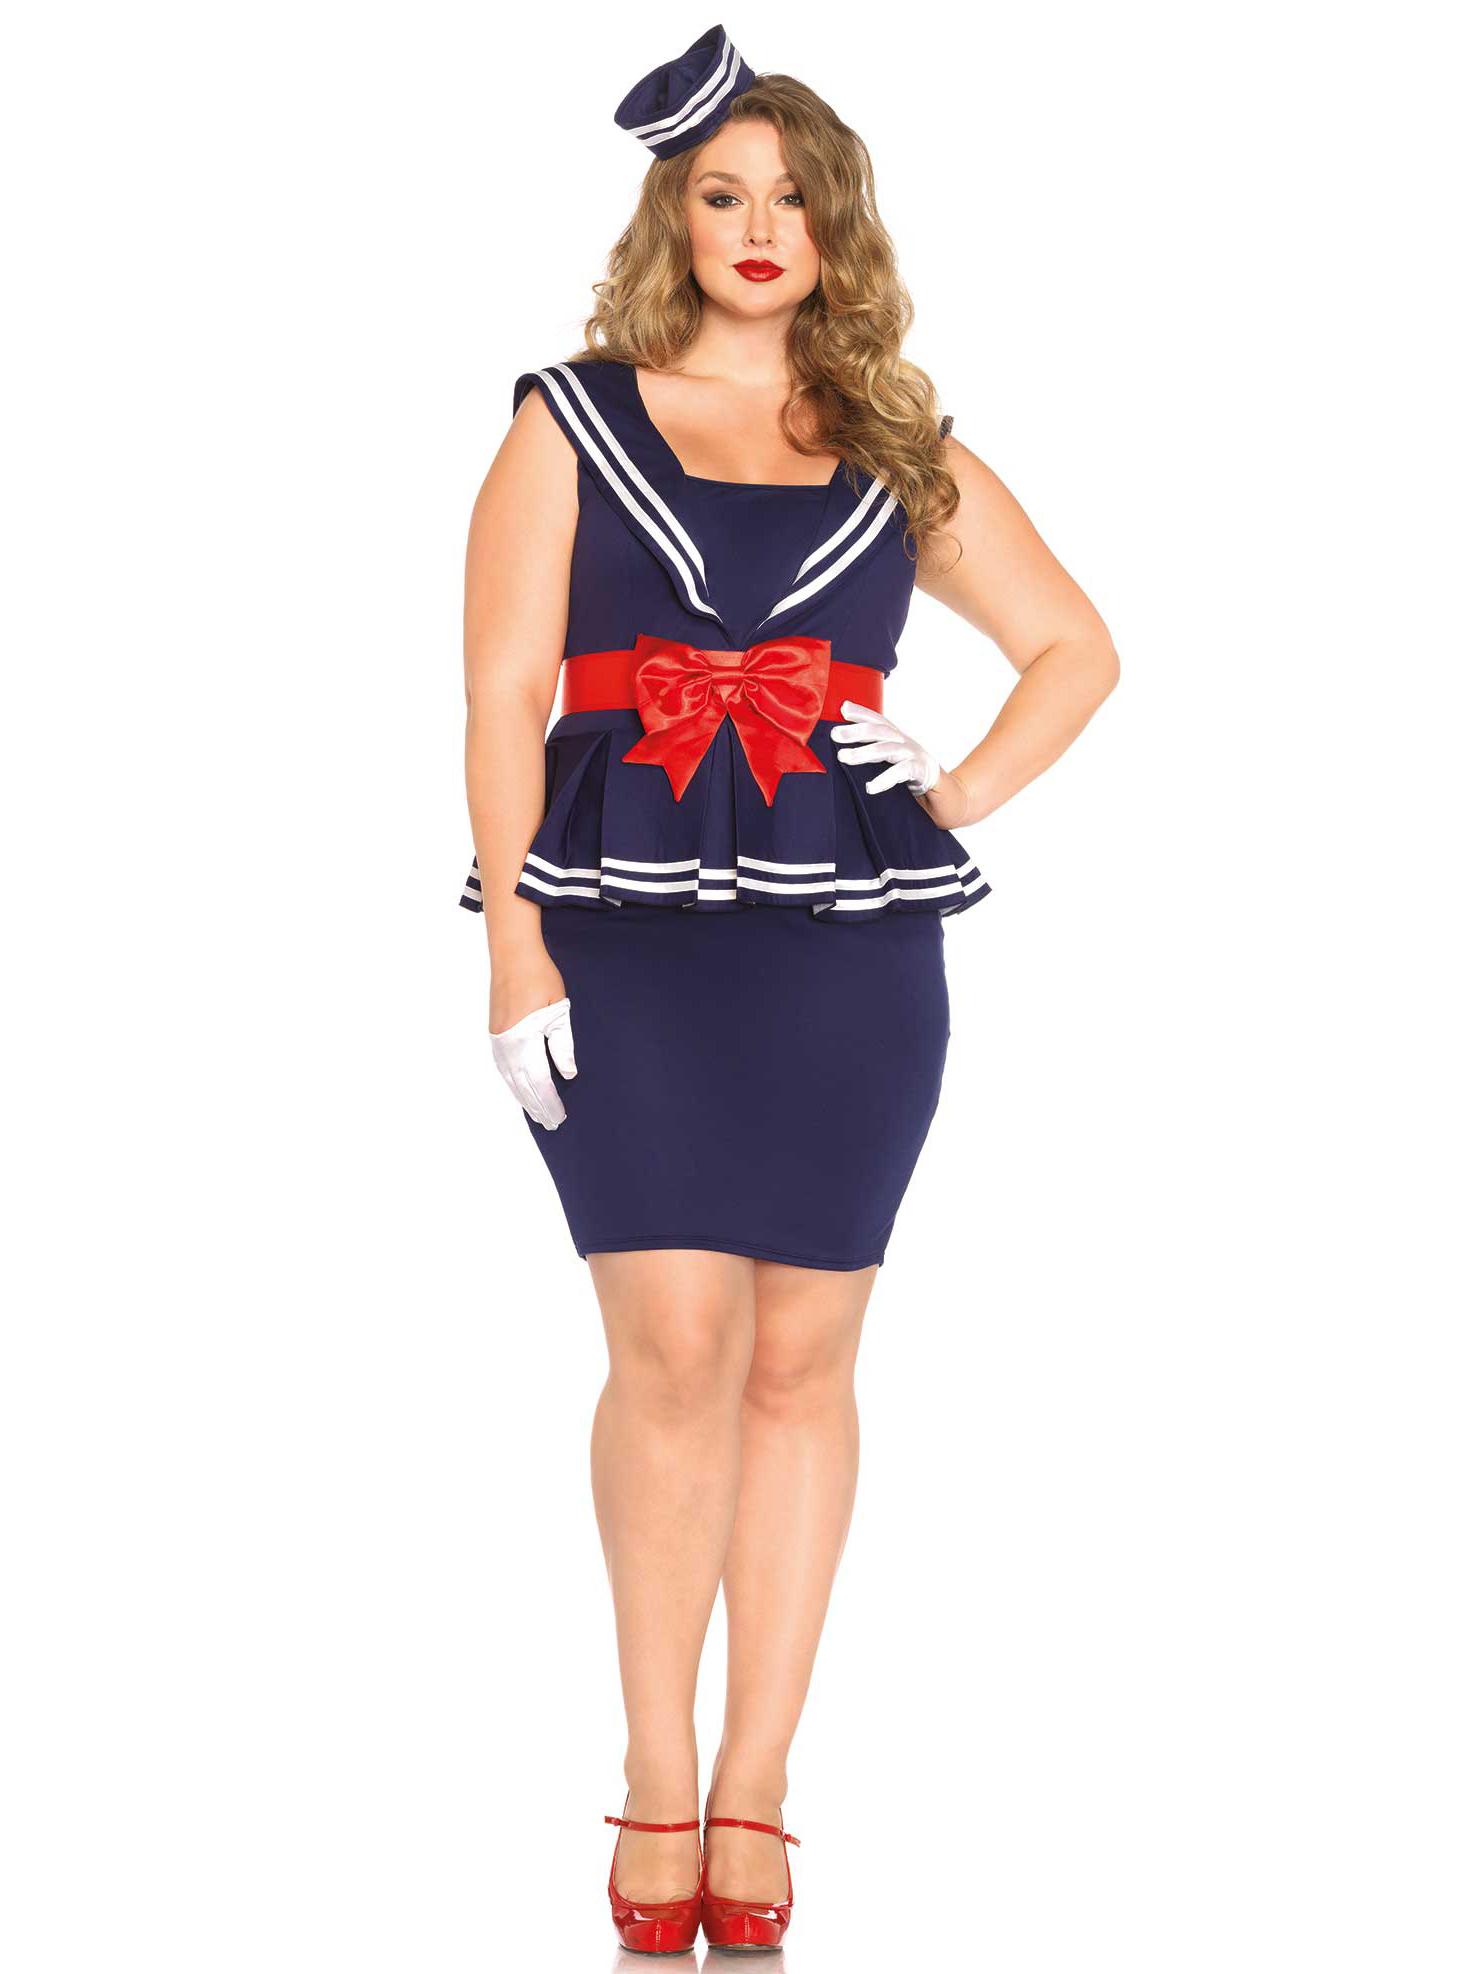 Costumi donna taglie forti – Tagli di capelli popolari 2019 69c9b695555d